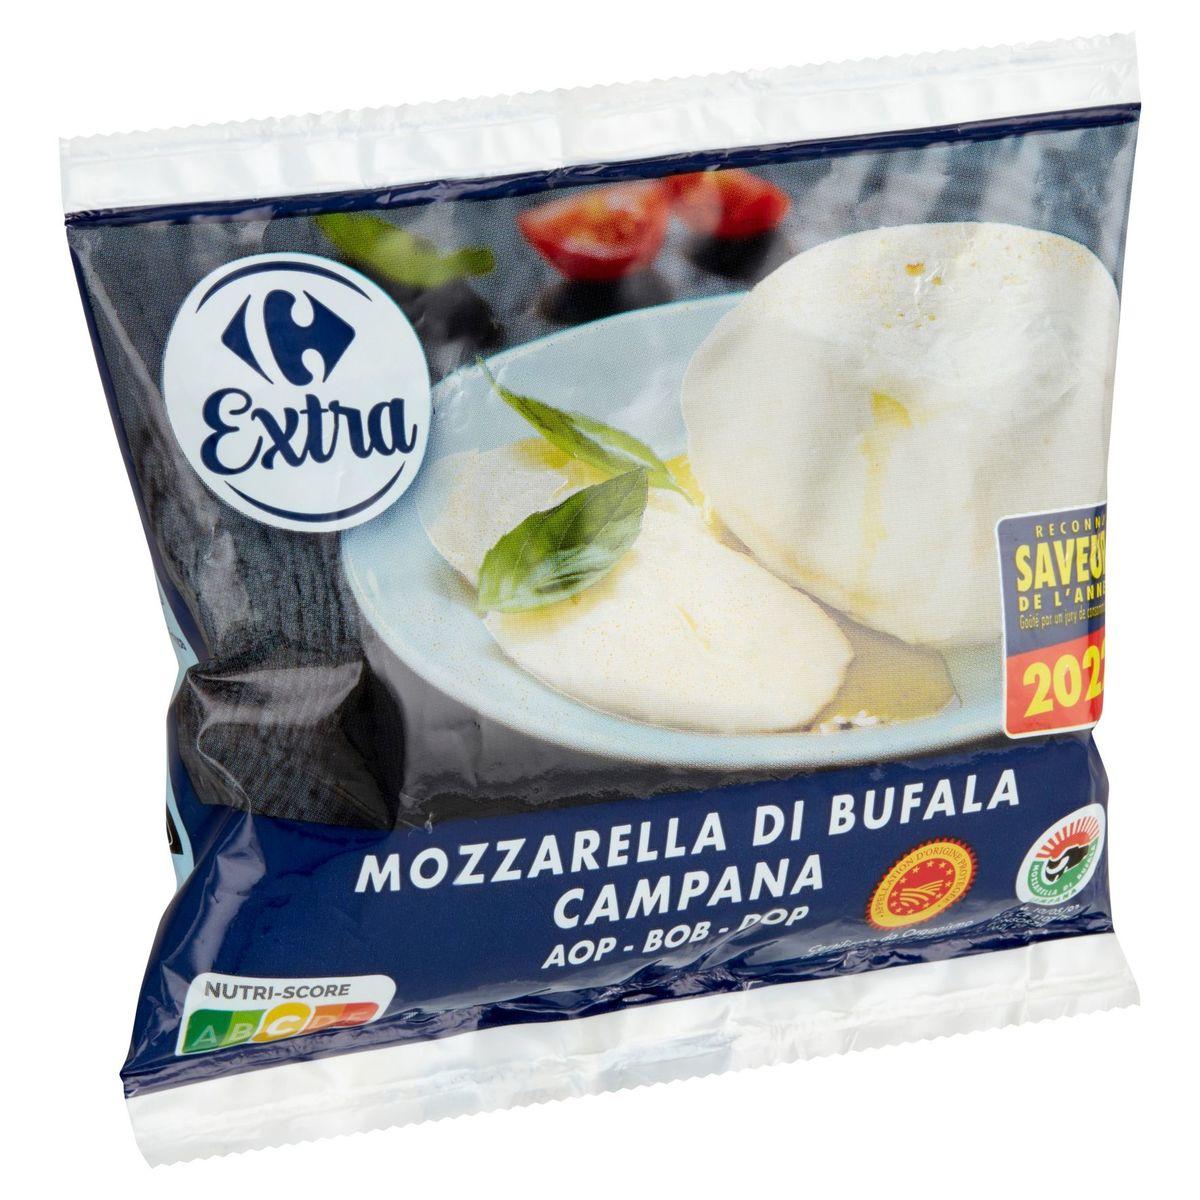 Carrefour Mozzarella di Bufala Campana BOB 125 g